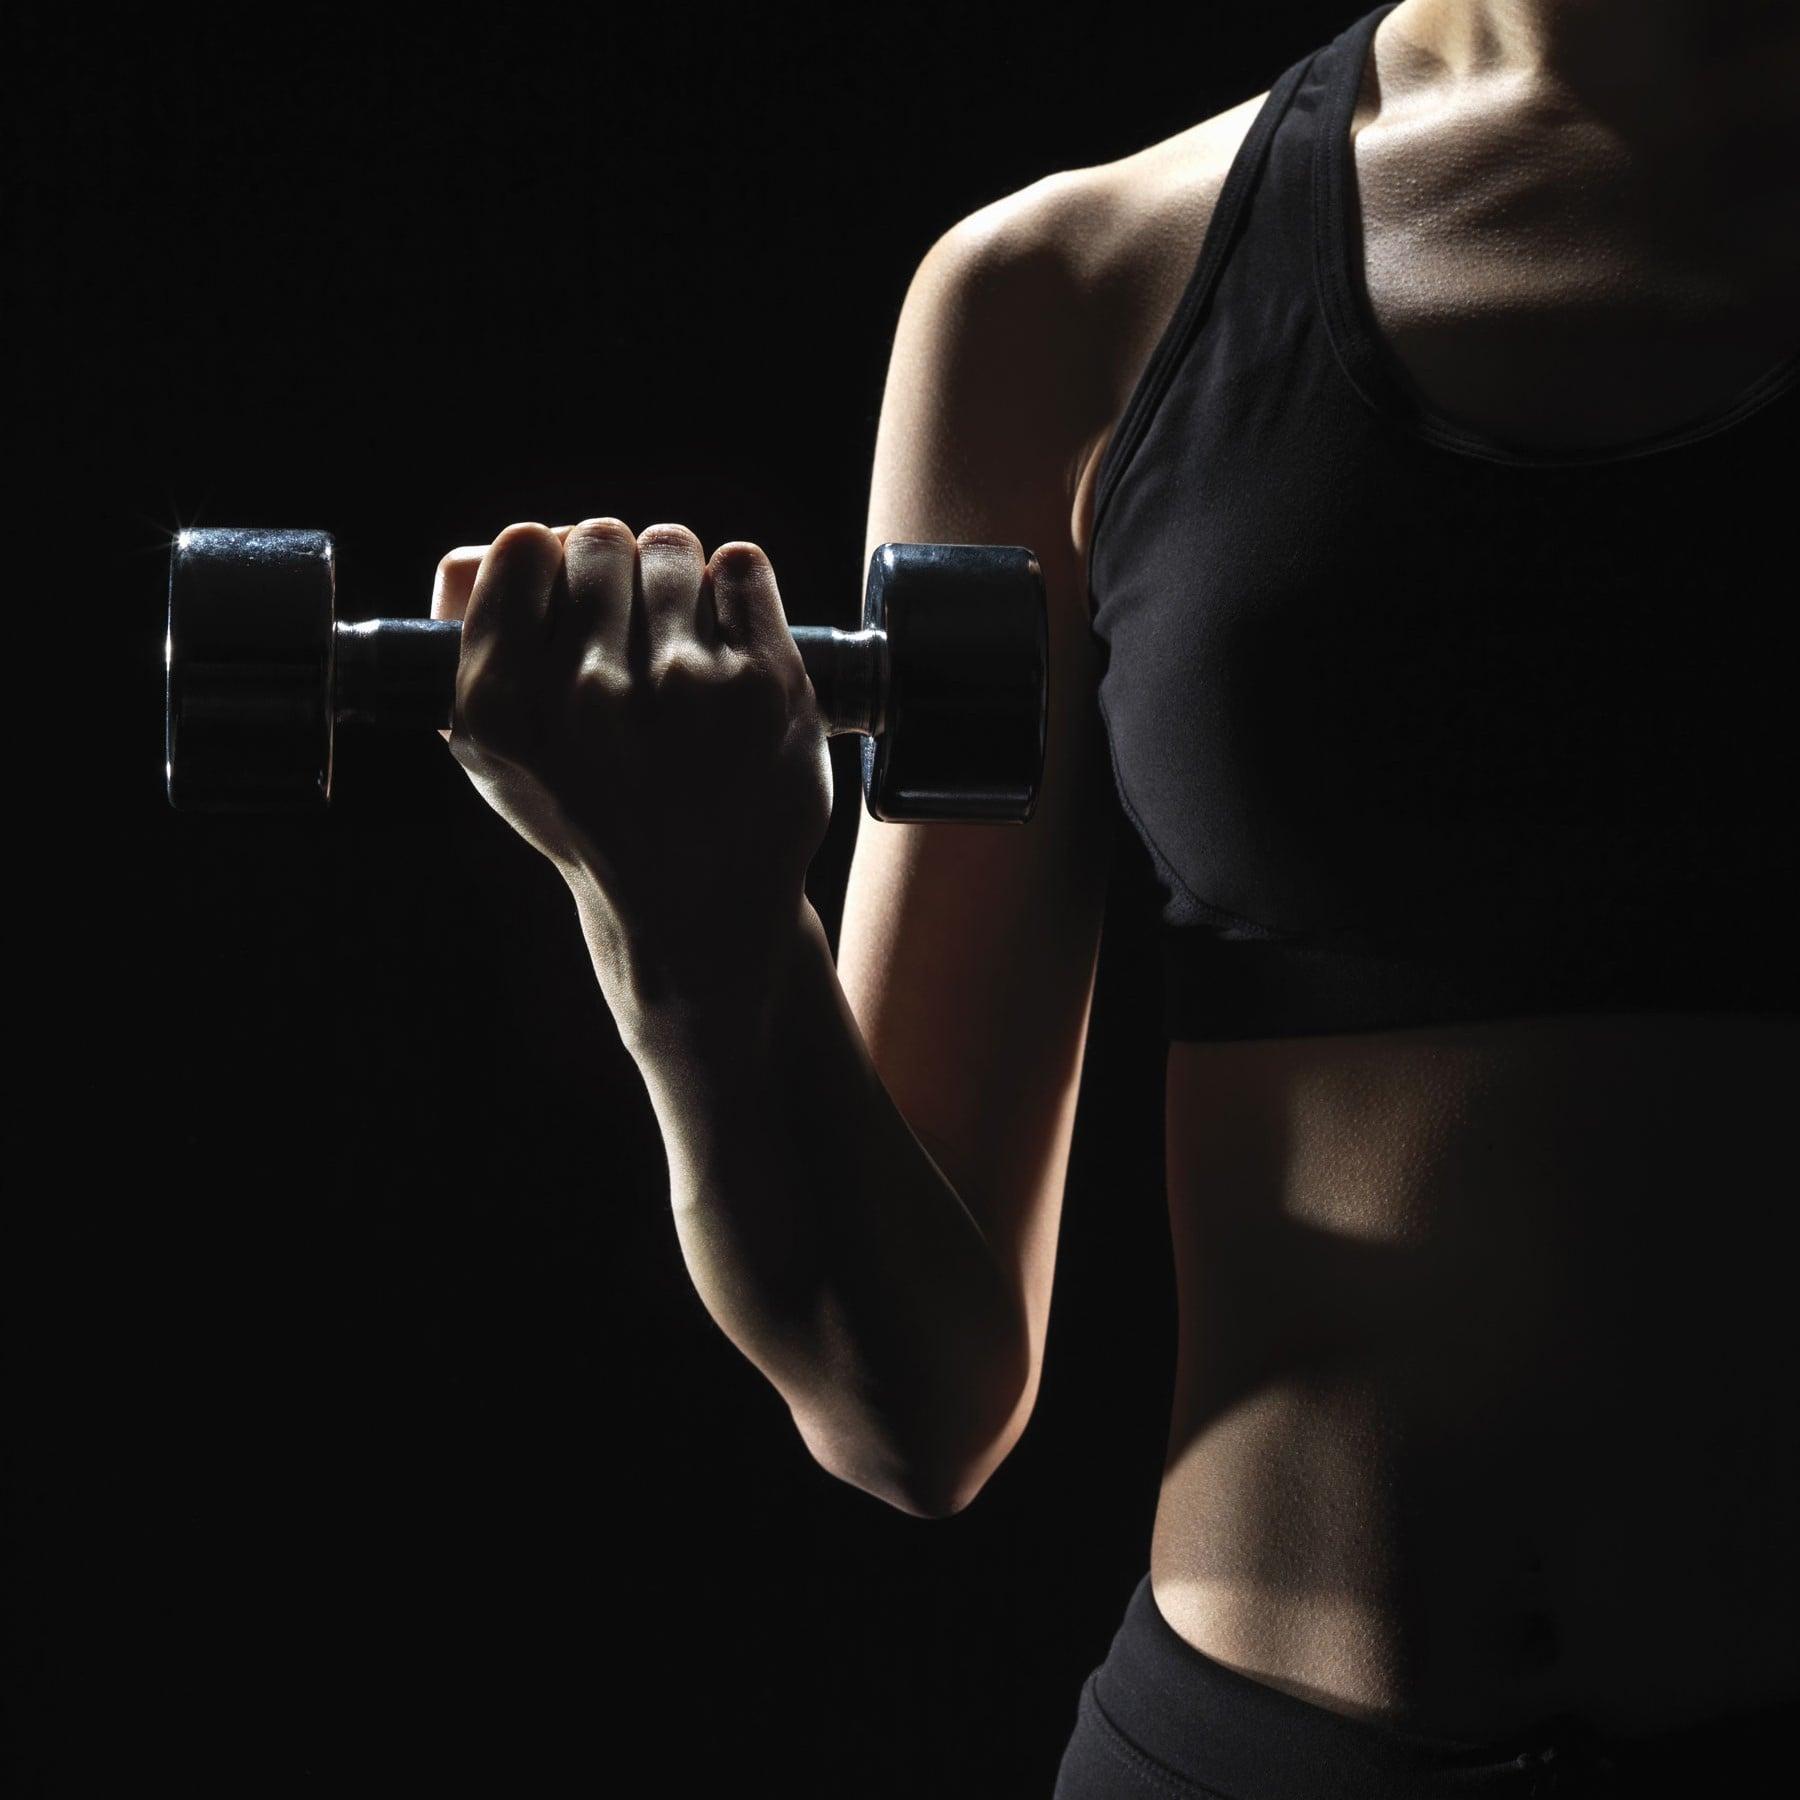 Dumbbell HIIT Workout | POPSUGAR Fitness